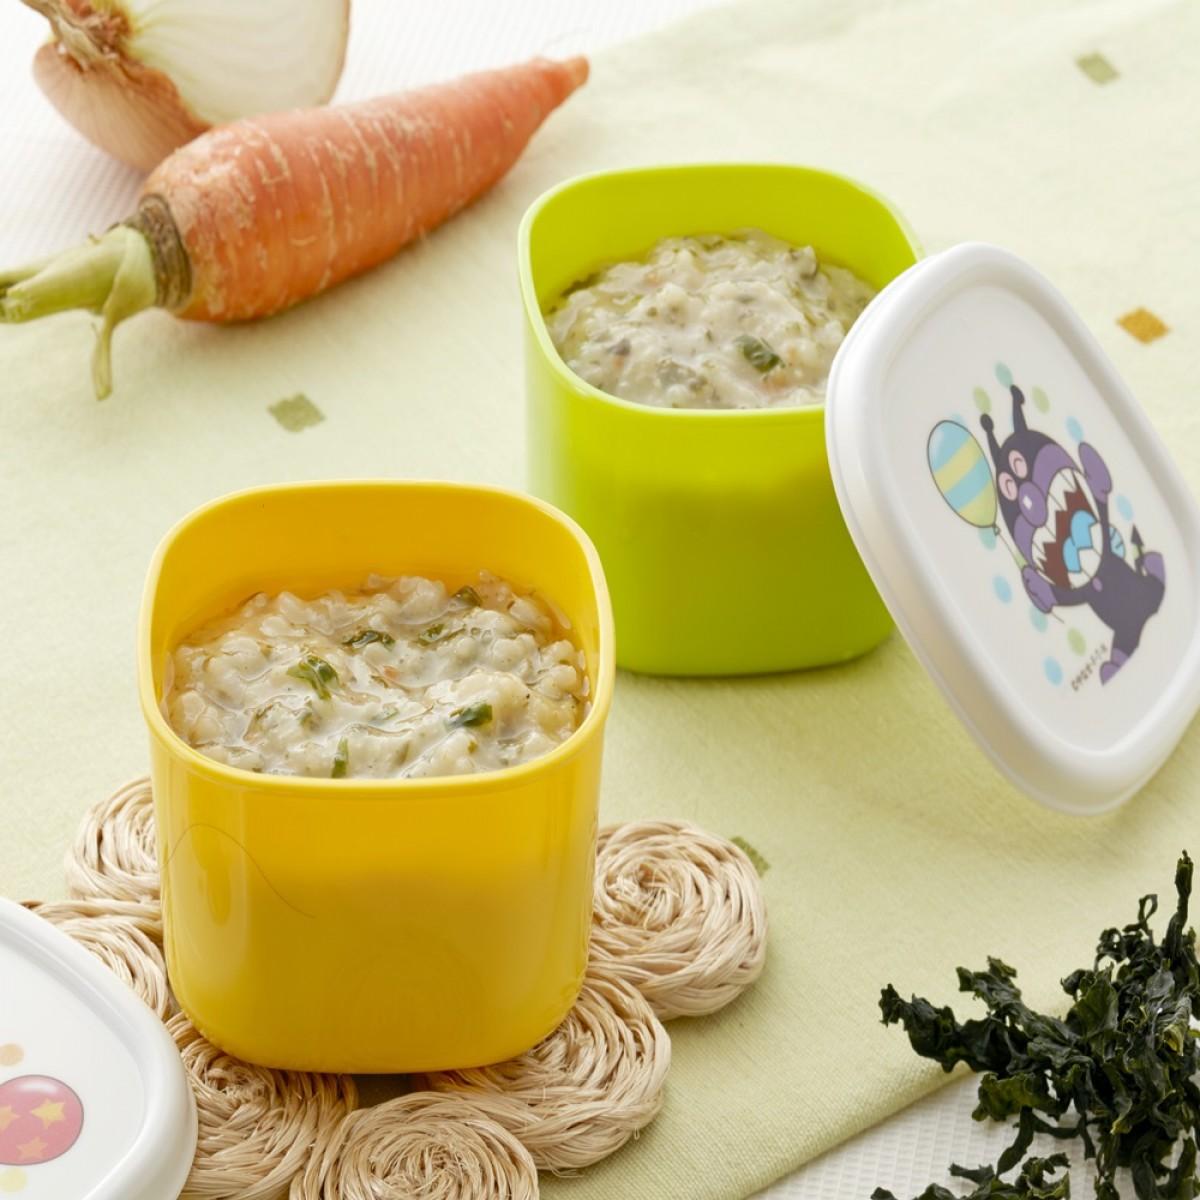 KUOHEALTH Baby Porridge 郭老师常温宝宝粥 (Pack of 2)